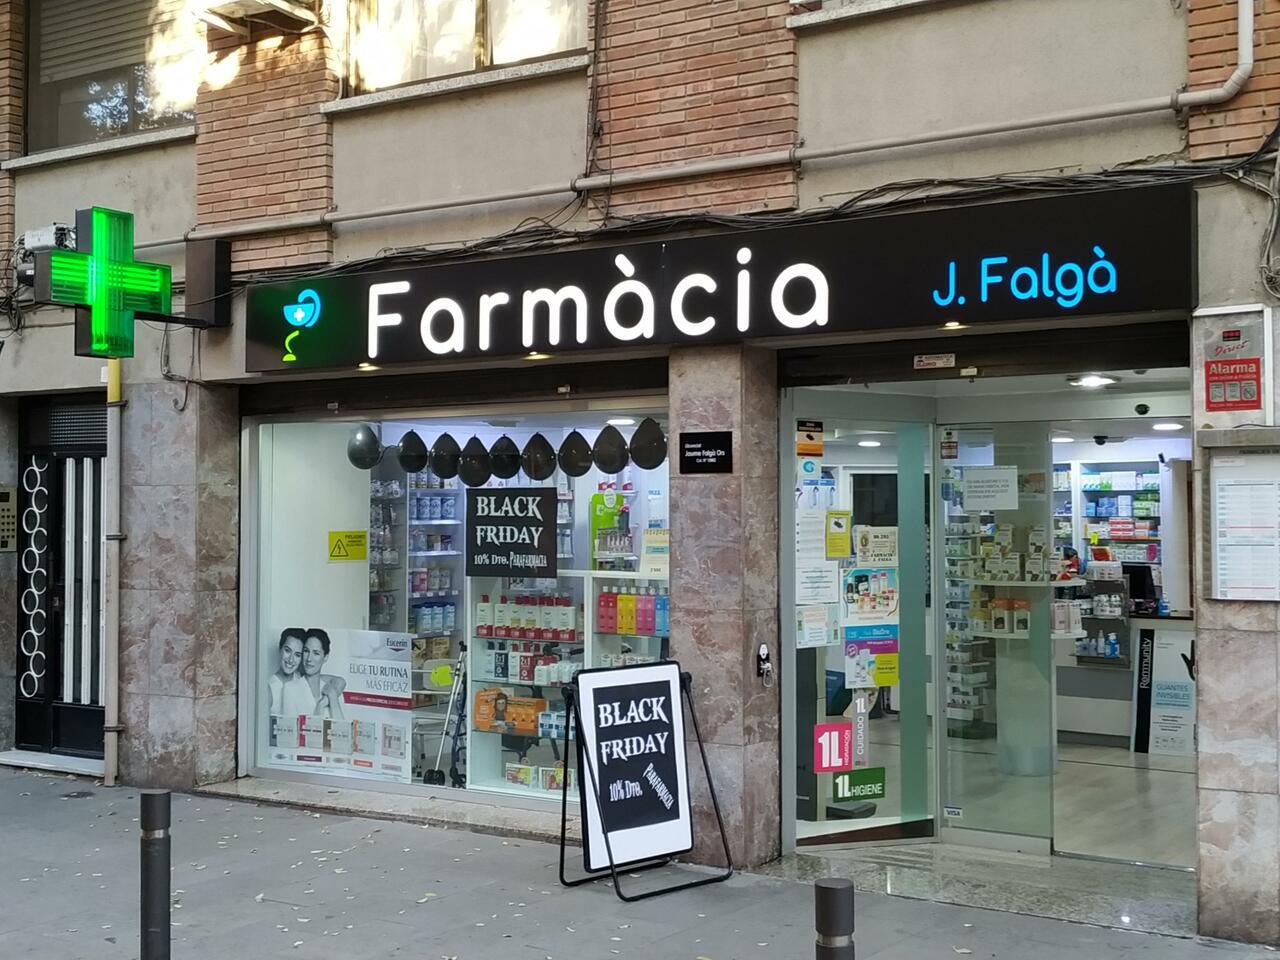 Farmacia Falgà